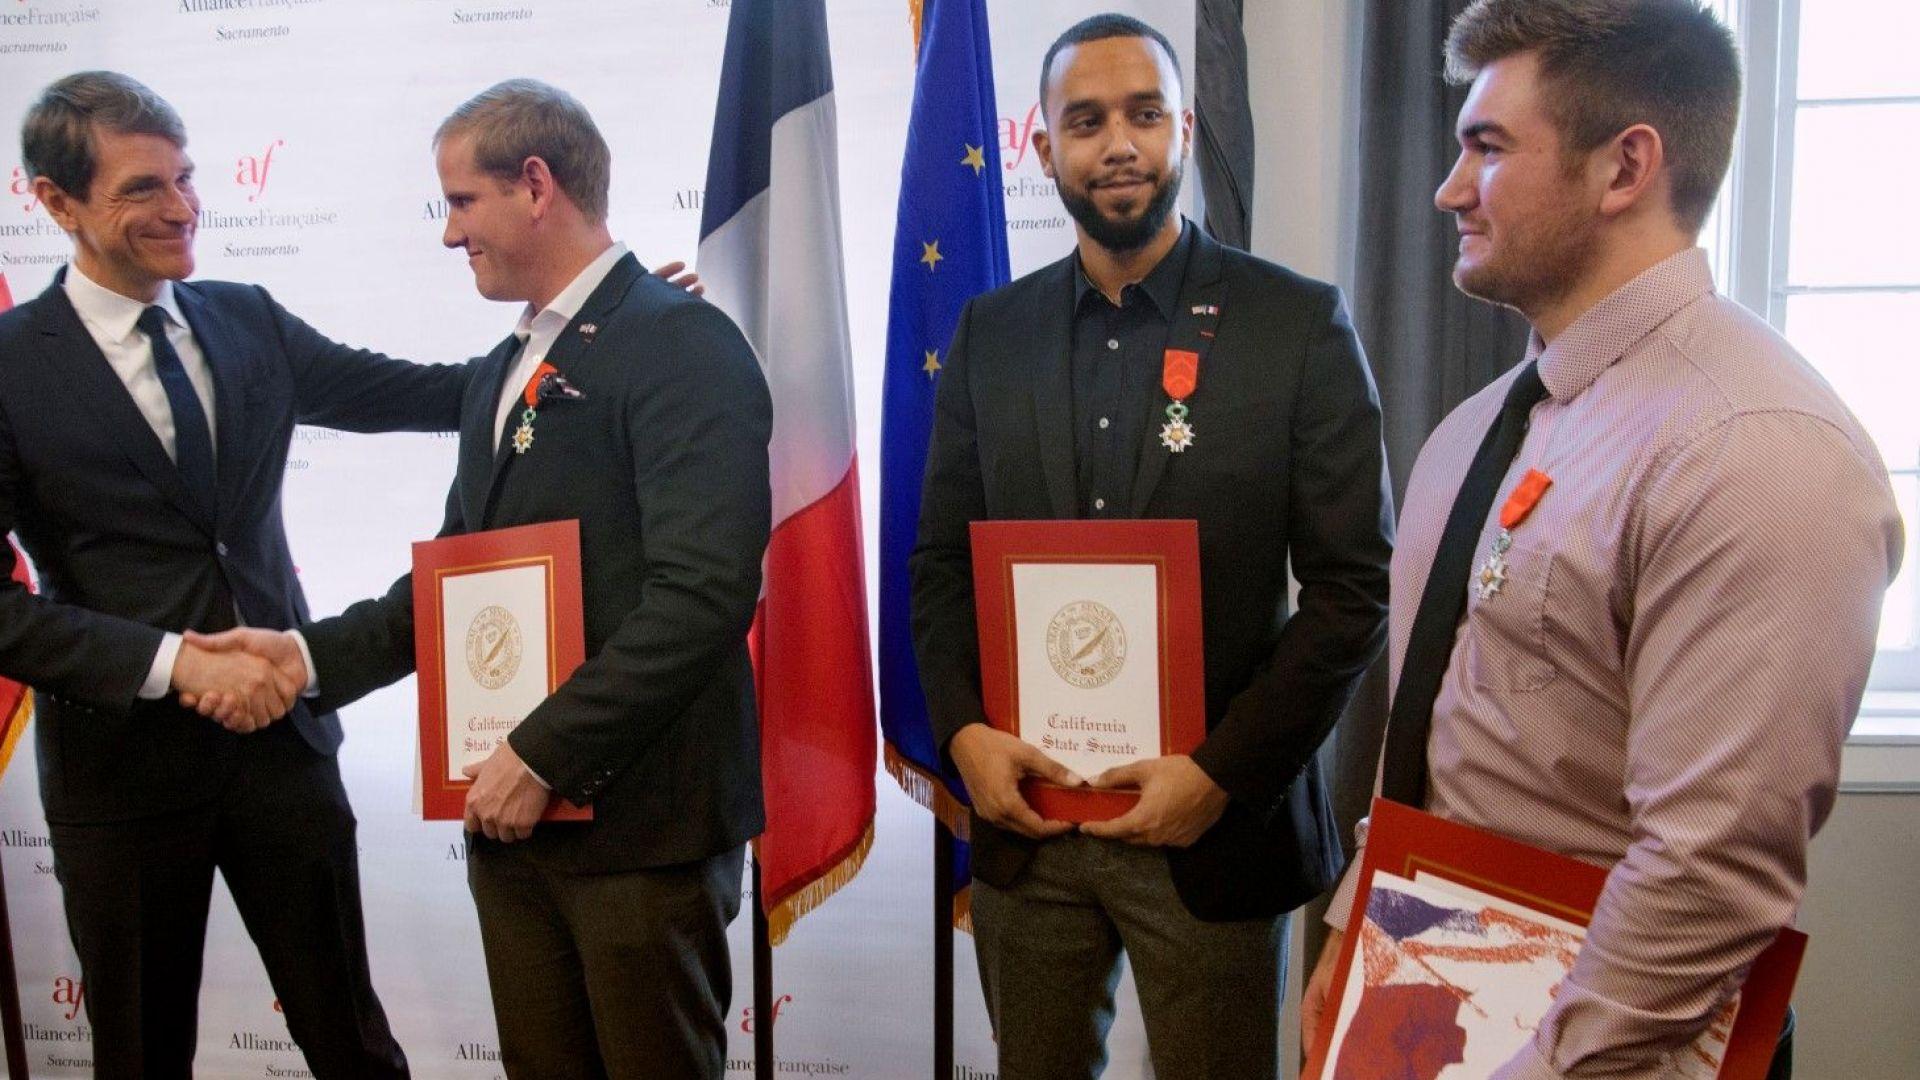 Трима американци, спрели атентат във влак, получиха френско гражданство